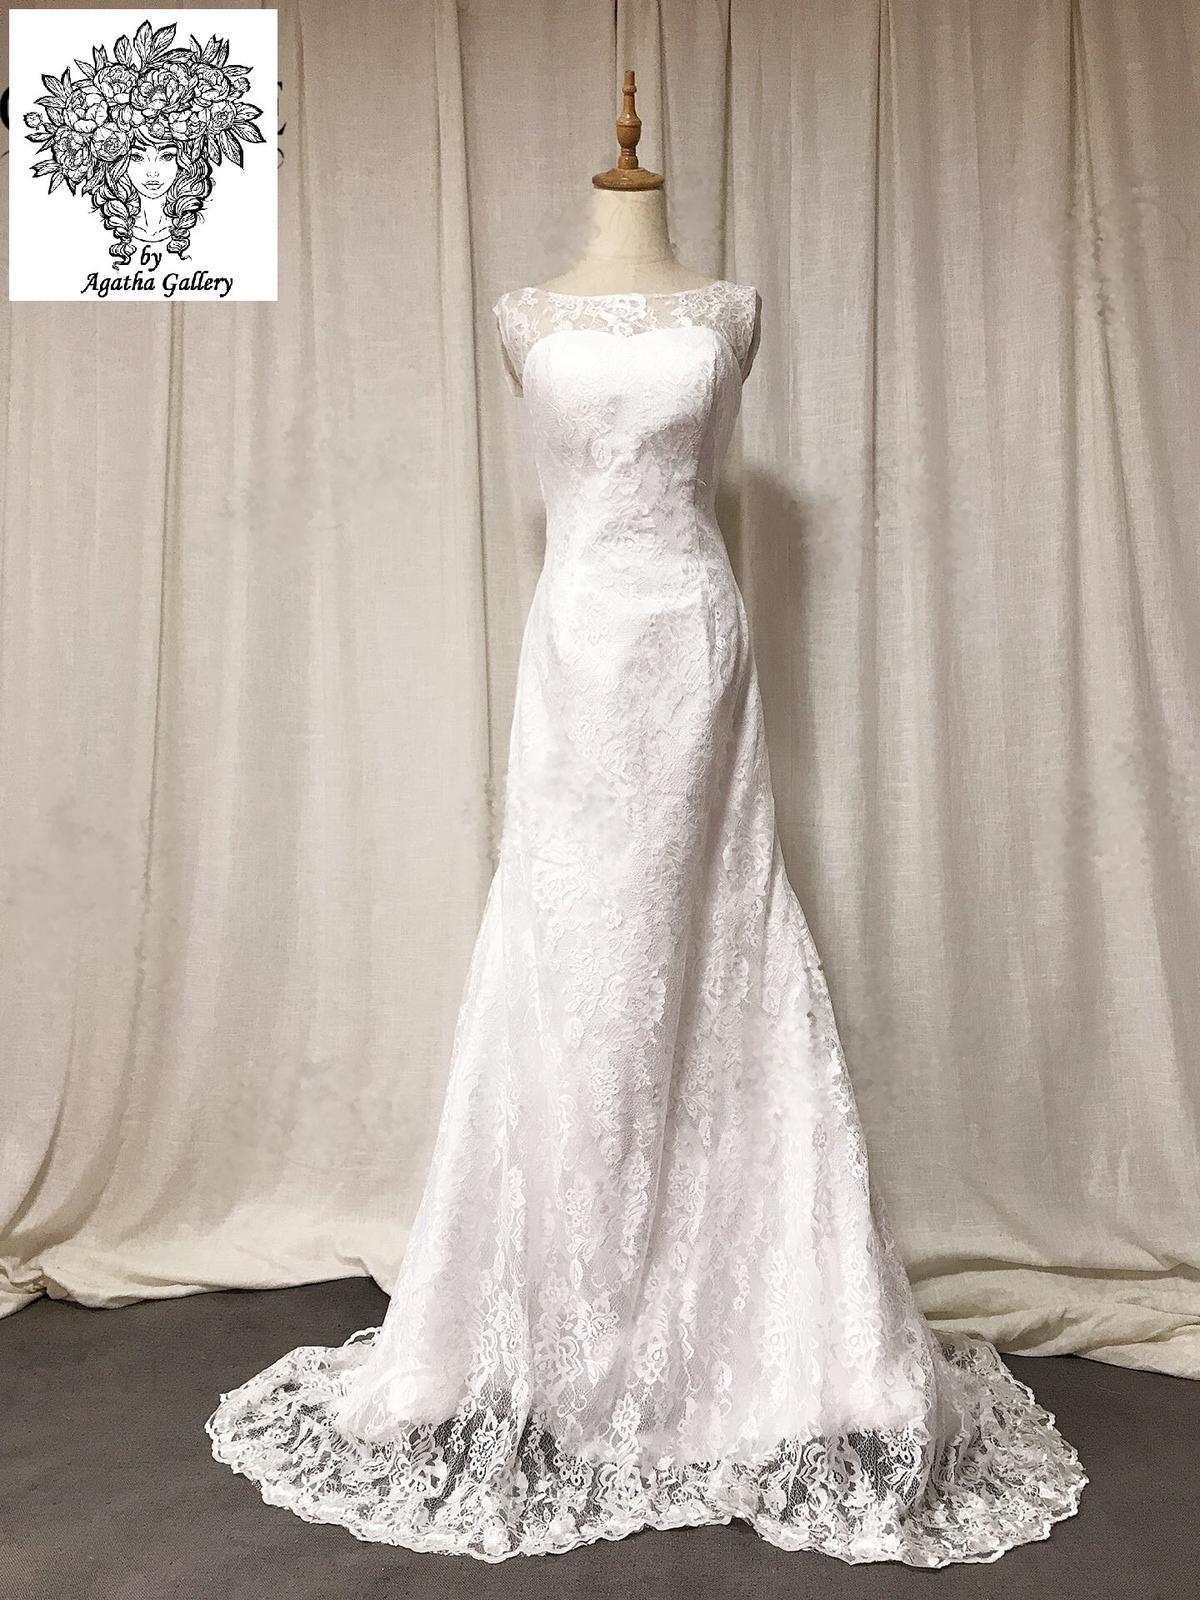 Svadobné šaty skladom - EU36/38 - Obrázok č. 1